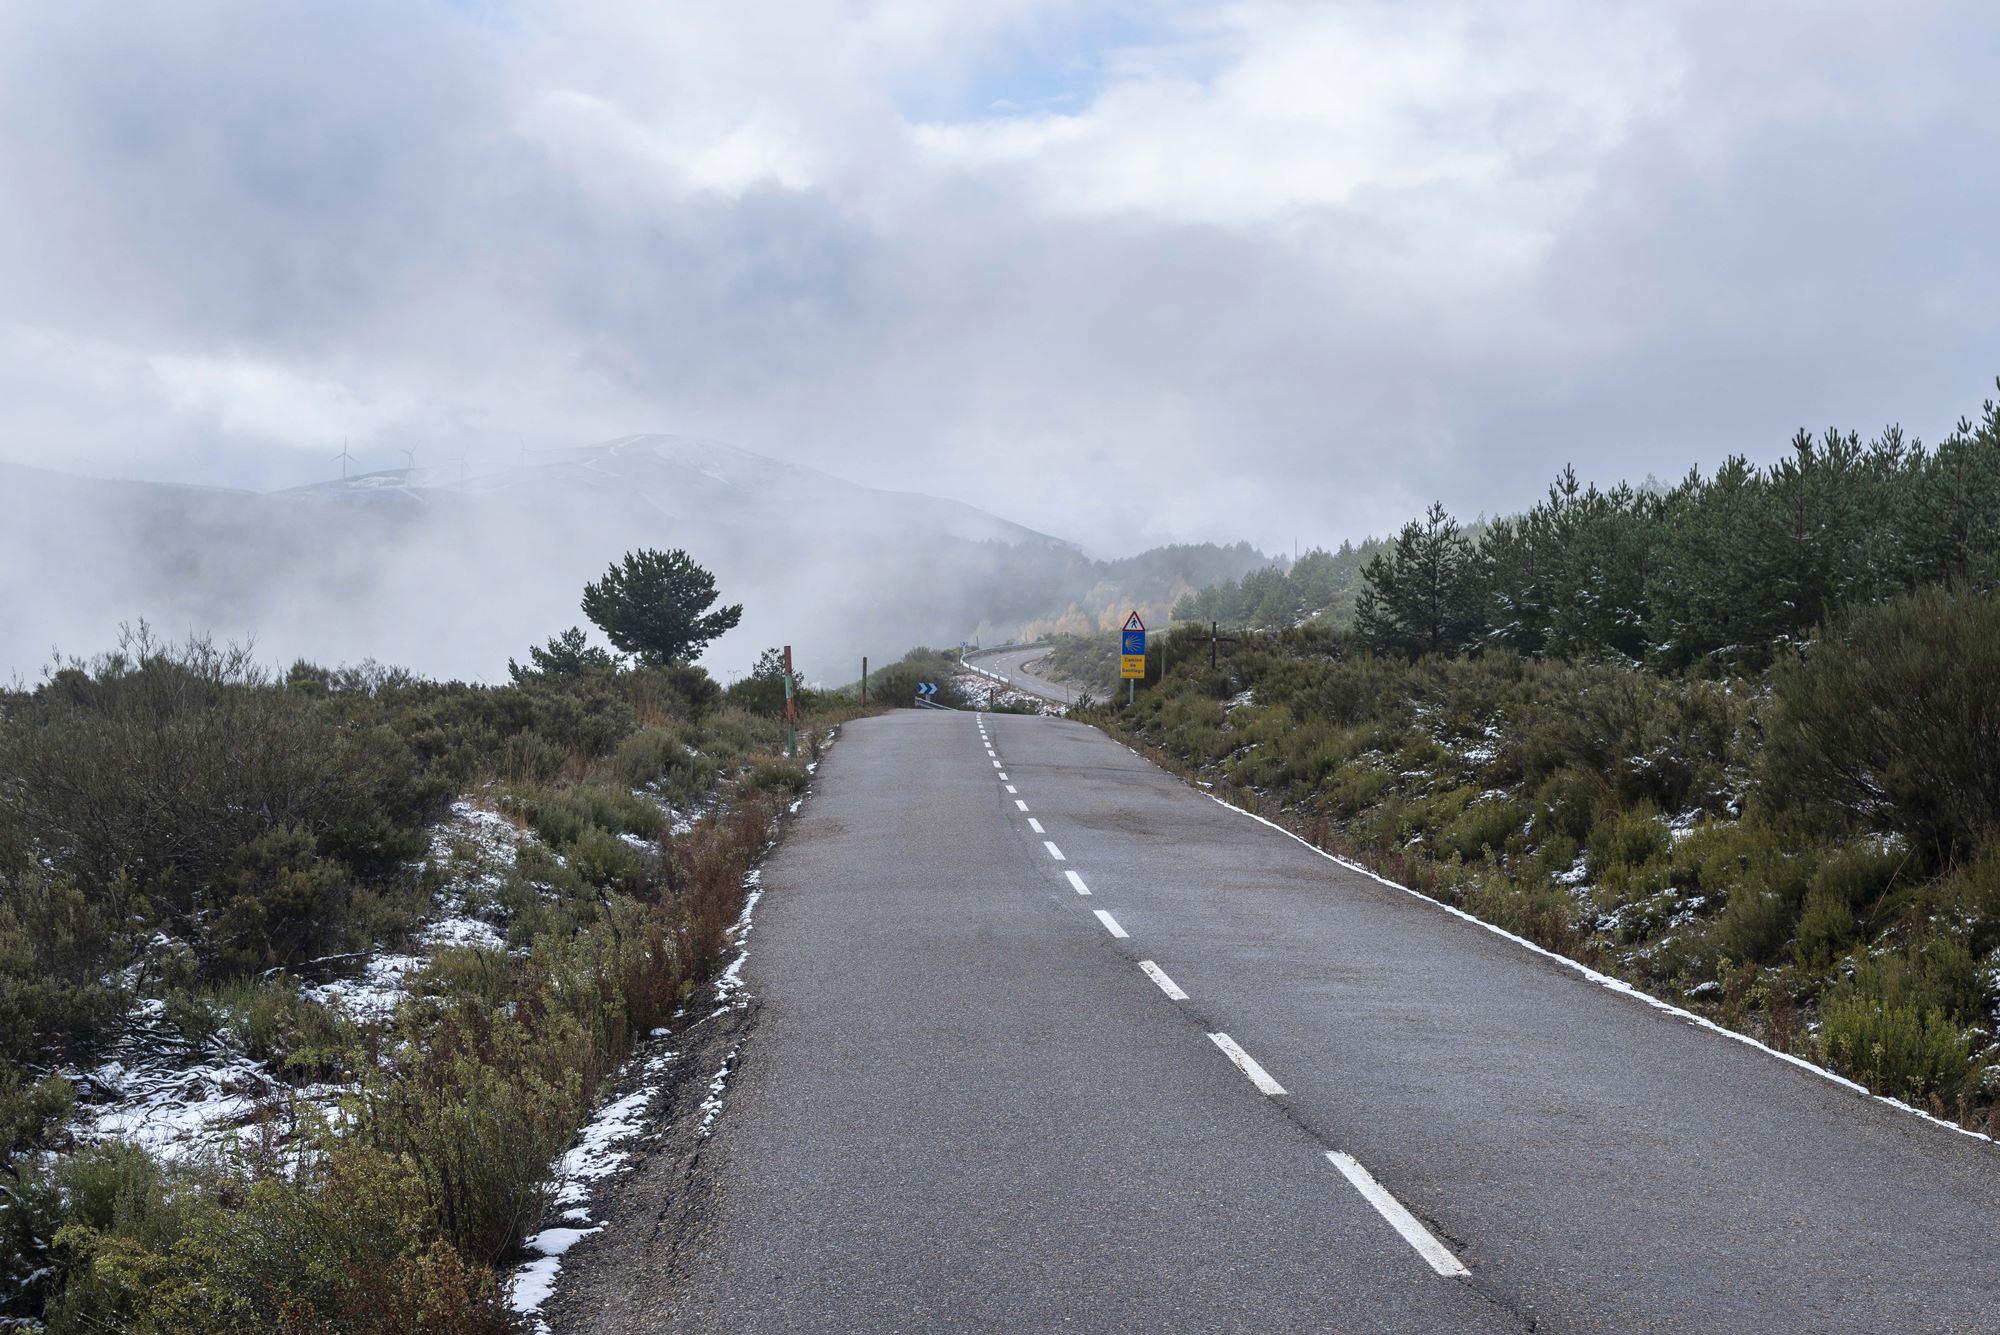 Las montañas hacia Galicia y el Teleno, escondido de la niebla.